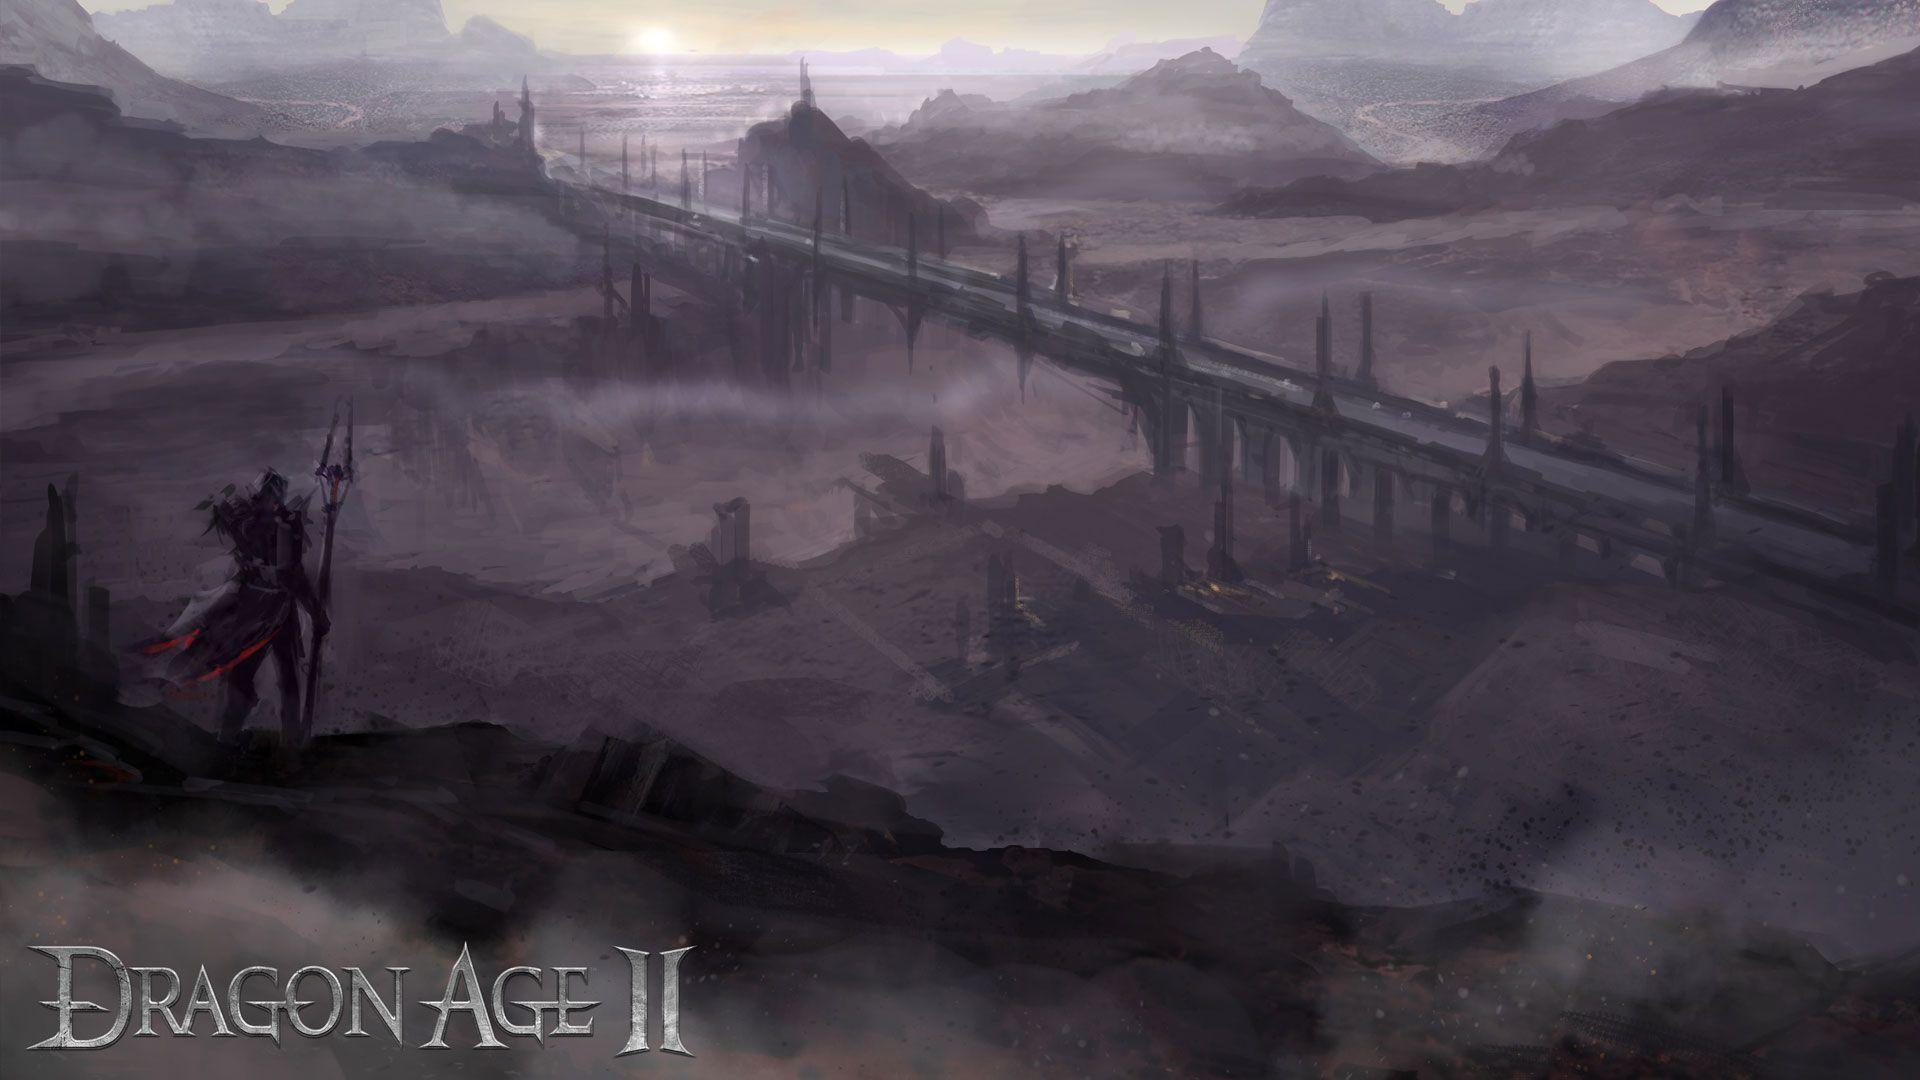 Dragon Age Ii Wallpaper 220 HD Wallpapers   fullhdwalls.